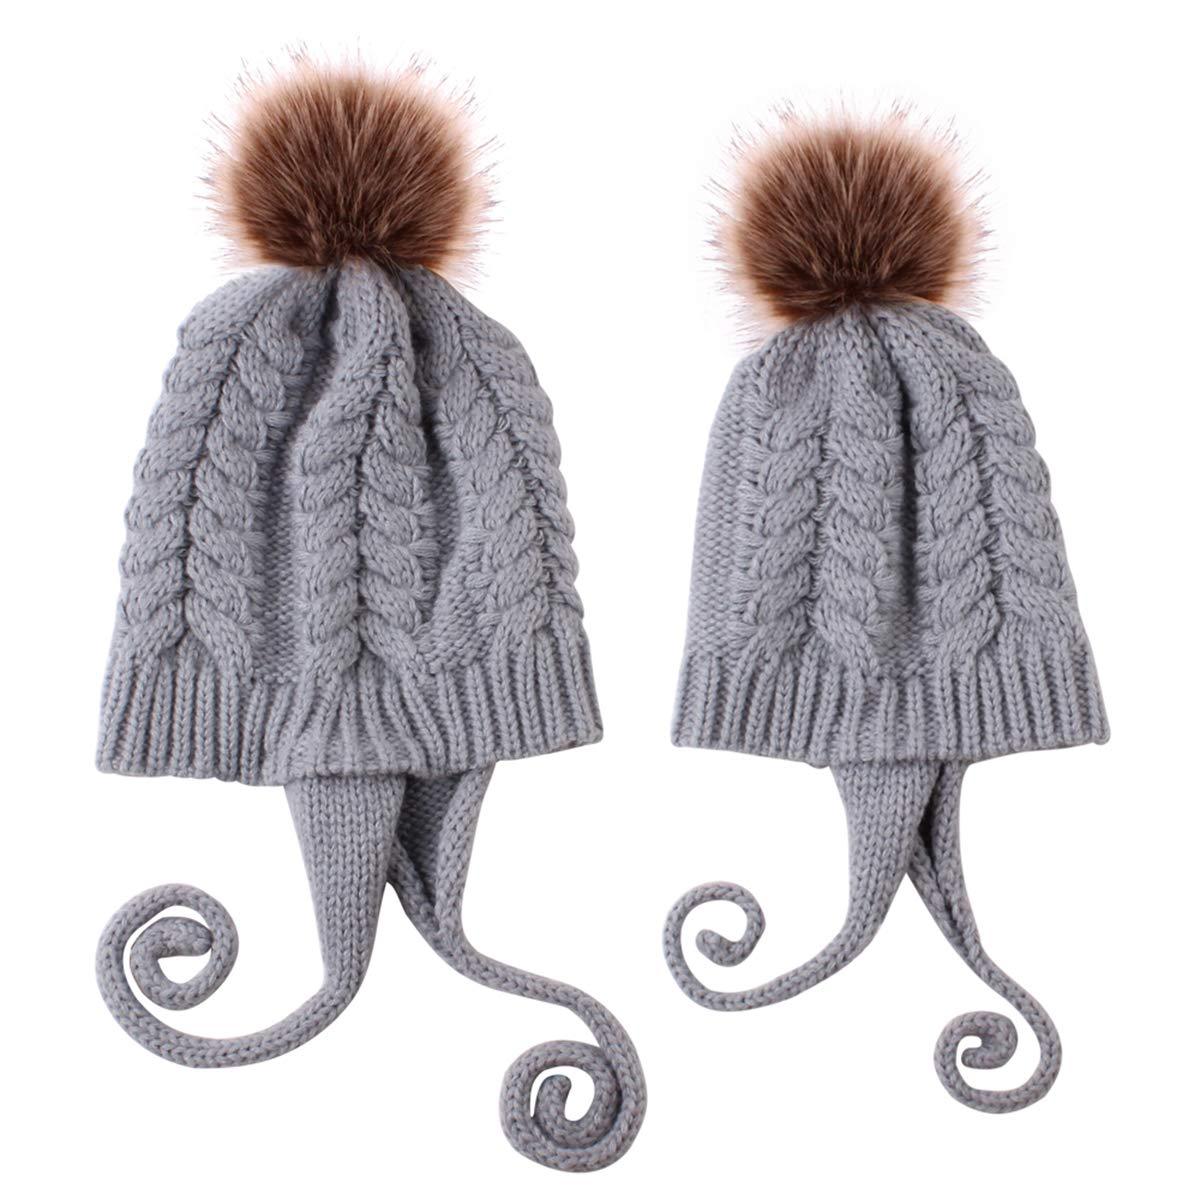 Haokaini Conjunto de Sombreros para mam/á y beb/é Gorro de Invierno c/álido de Punto para Padres e Hijos Kits de Sombreros para beb/és con Pompones para beb/és y ni/ñas